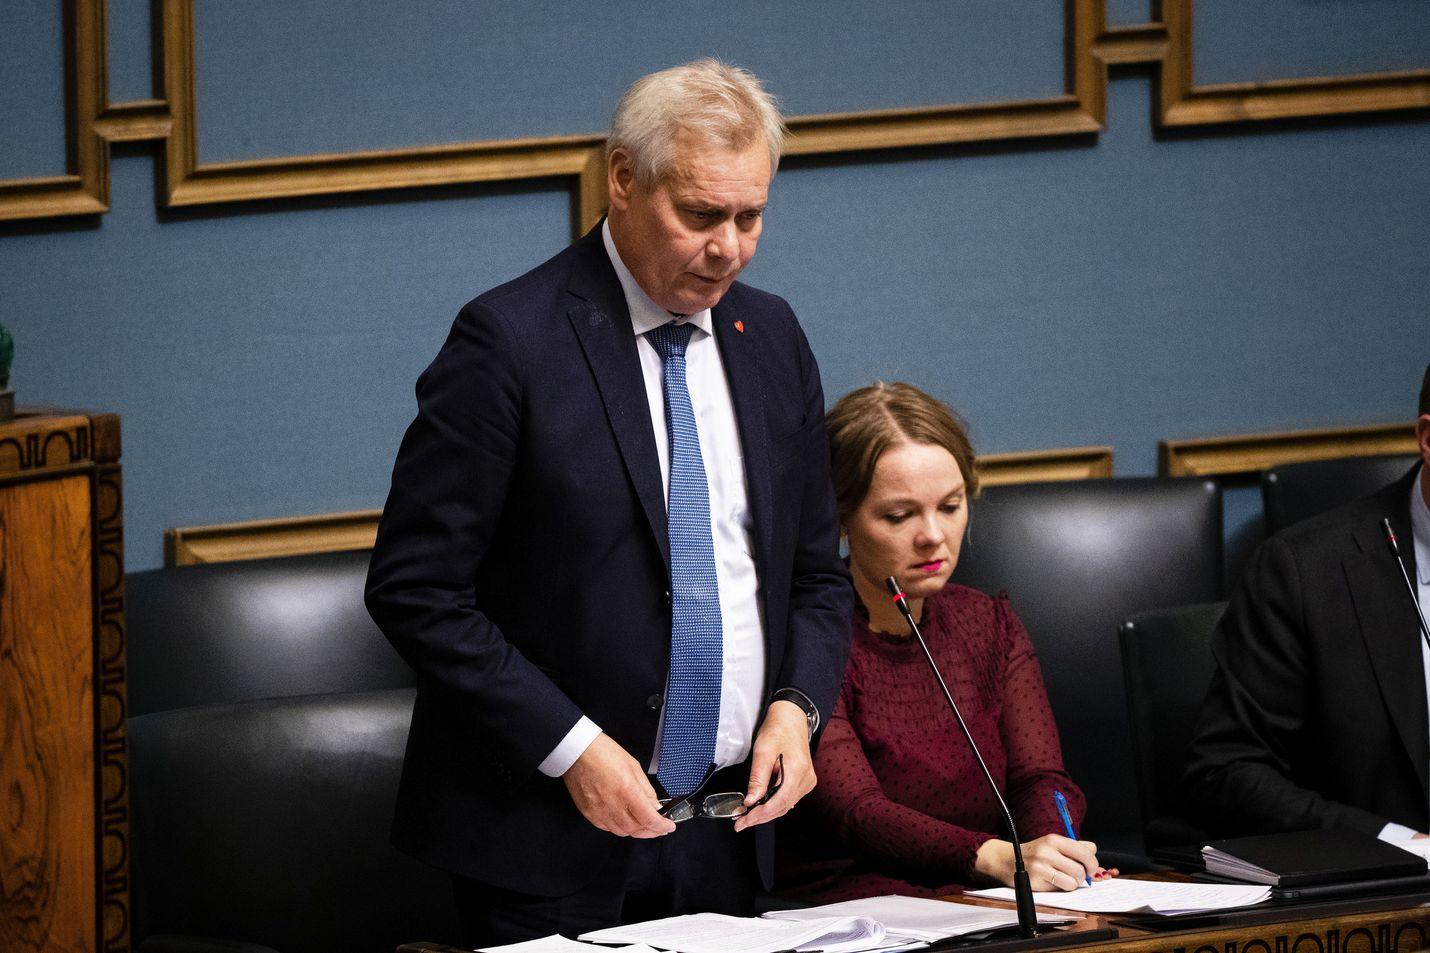 Vain viisi kuukautta vaaleista, ja pienituloisille eläkeläisille on tulossa ensimmäinen erä useamman vuoden kuluessa luvatusta sadasta eurosta, pääministeri Antti Rinne sanoi eduskunnassa tiistaina.